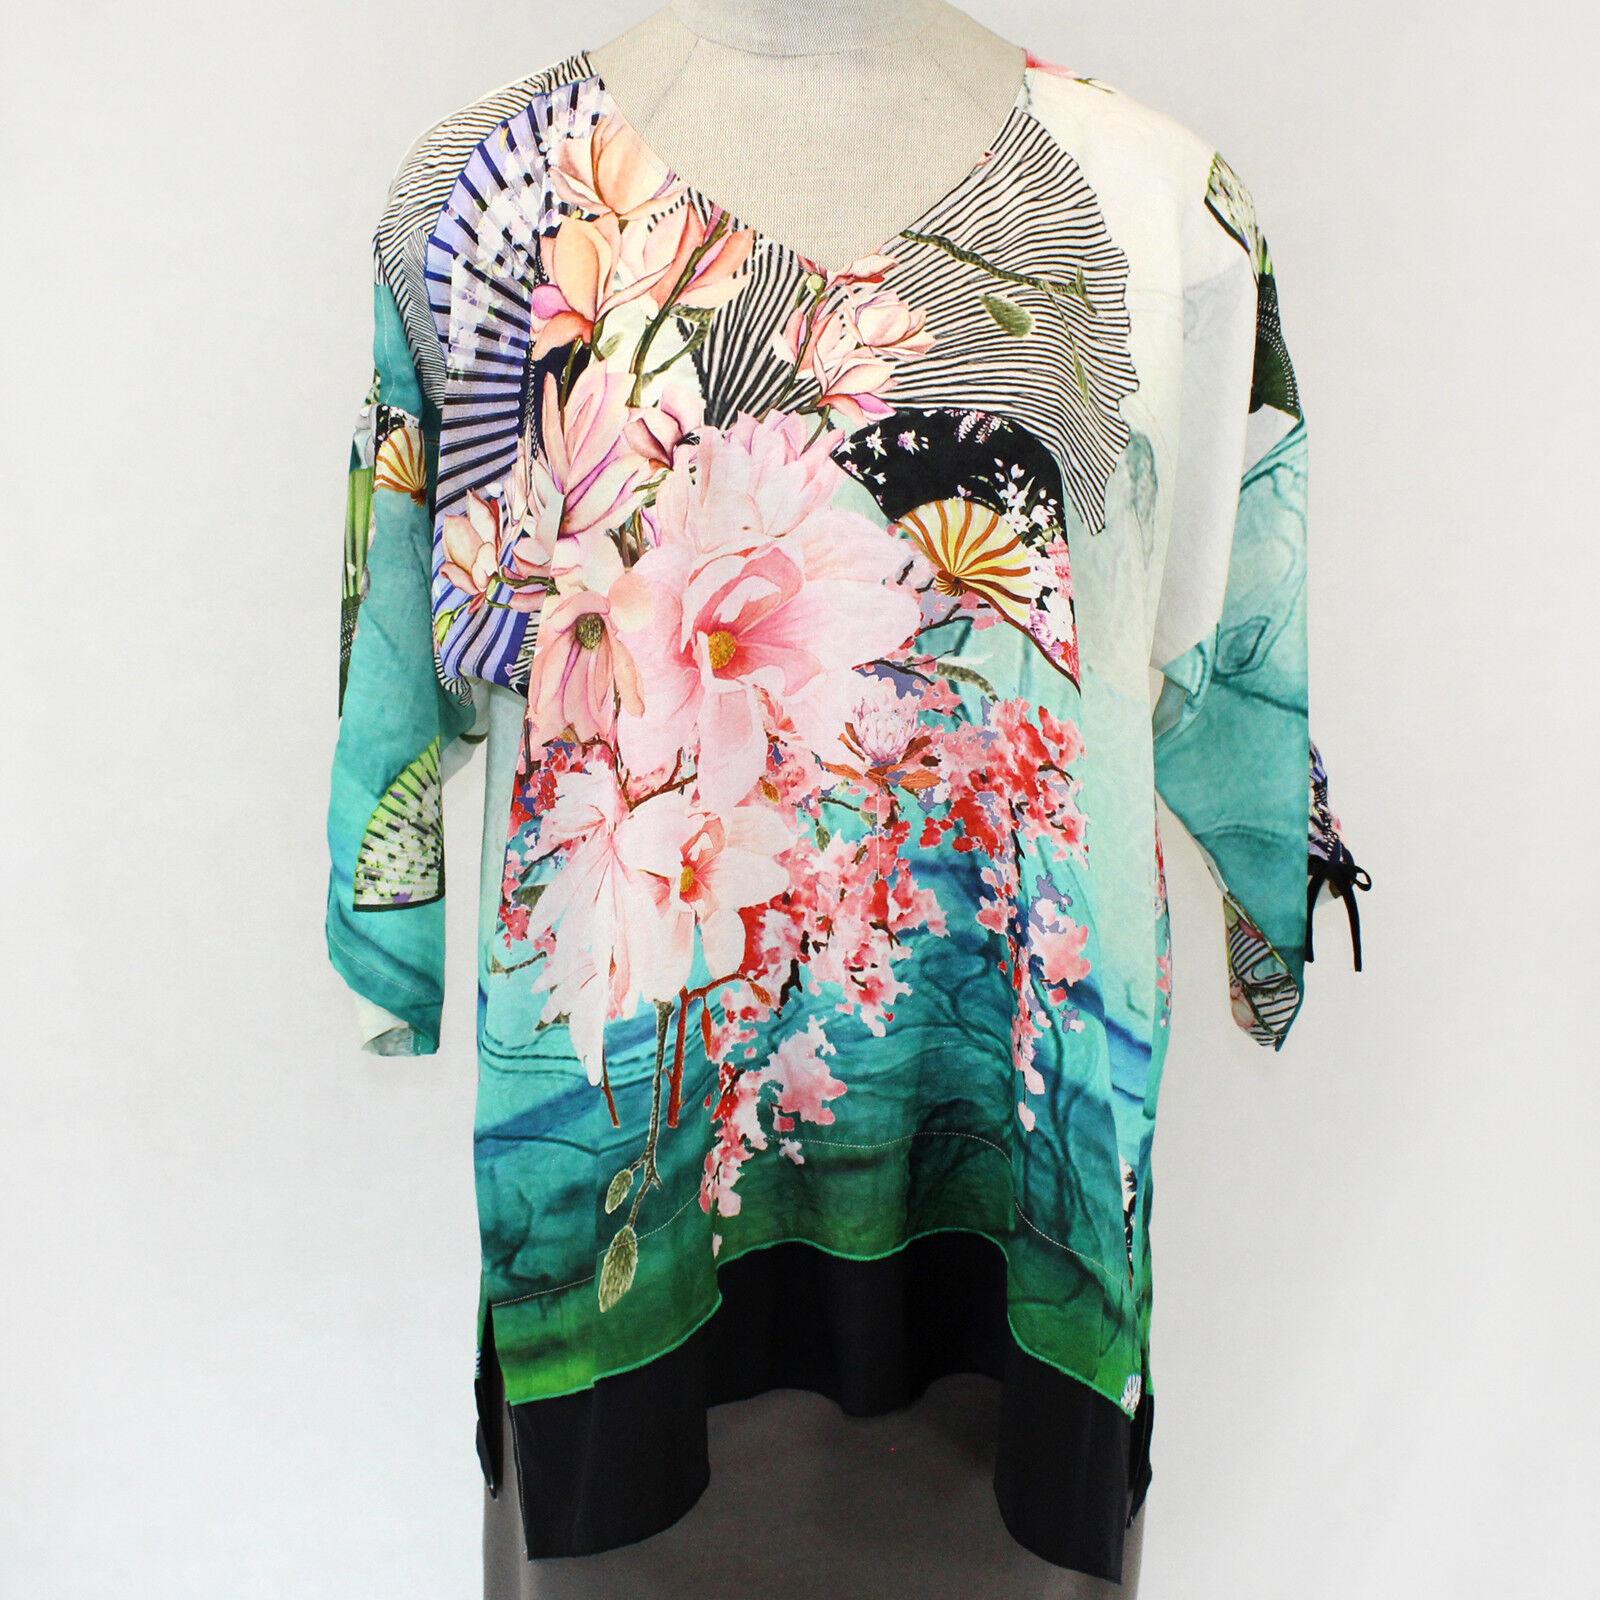 Citron Clothing Flowers & Fans Cold Shoulders V-Neck Tunic Blouse Plus 3X